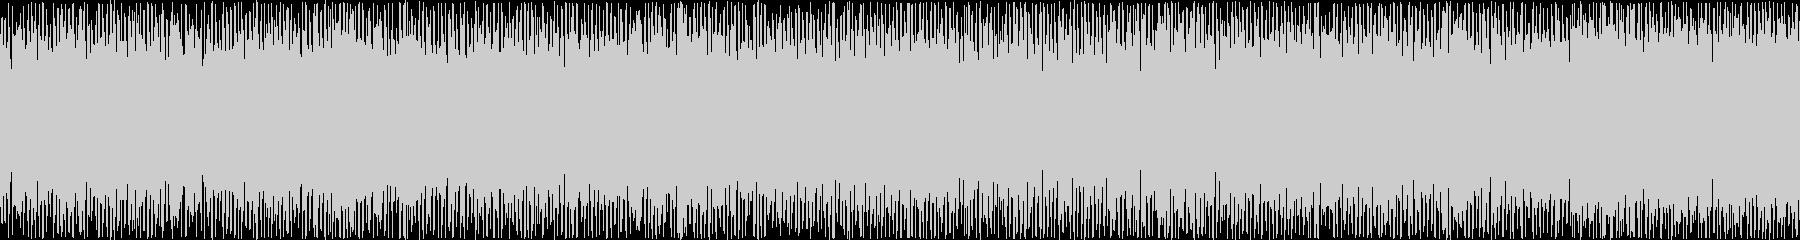 ザァー(FMラジオのノイズA)ループ処理の未再生の波形